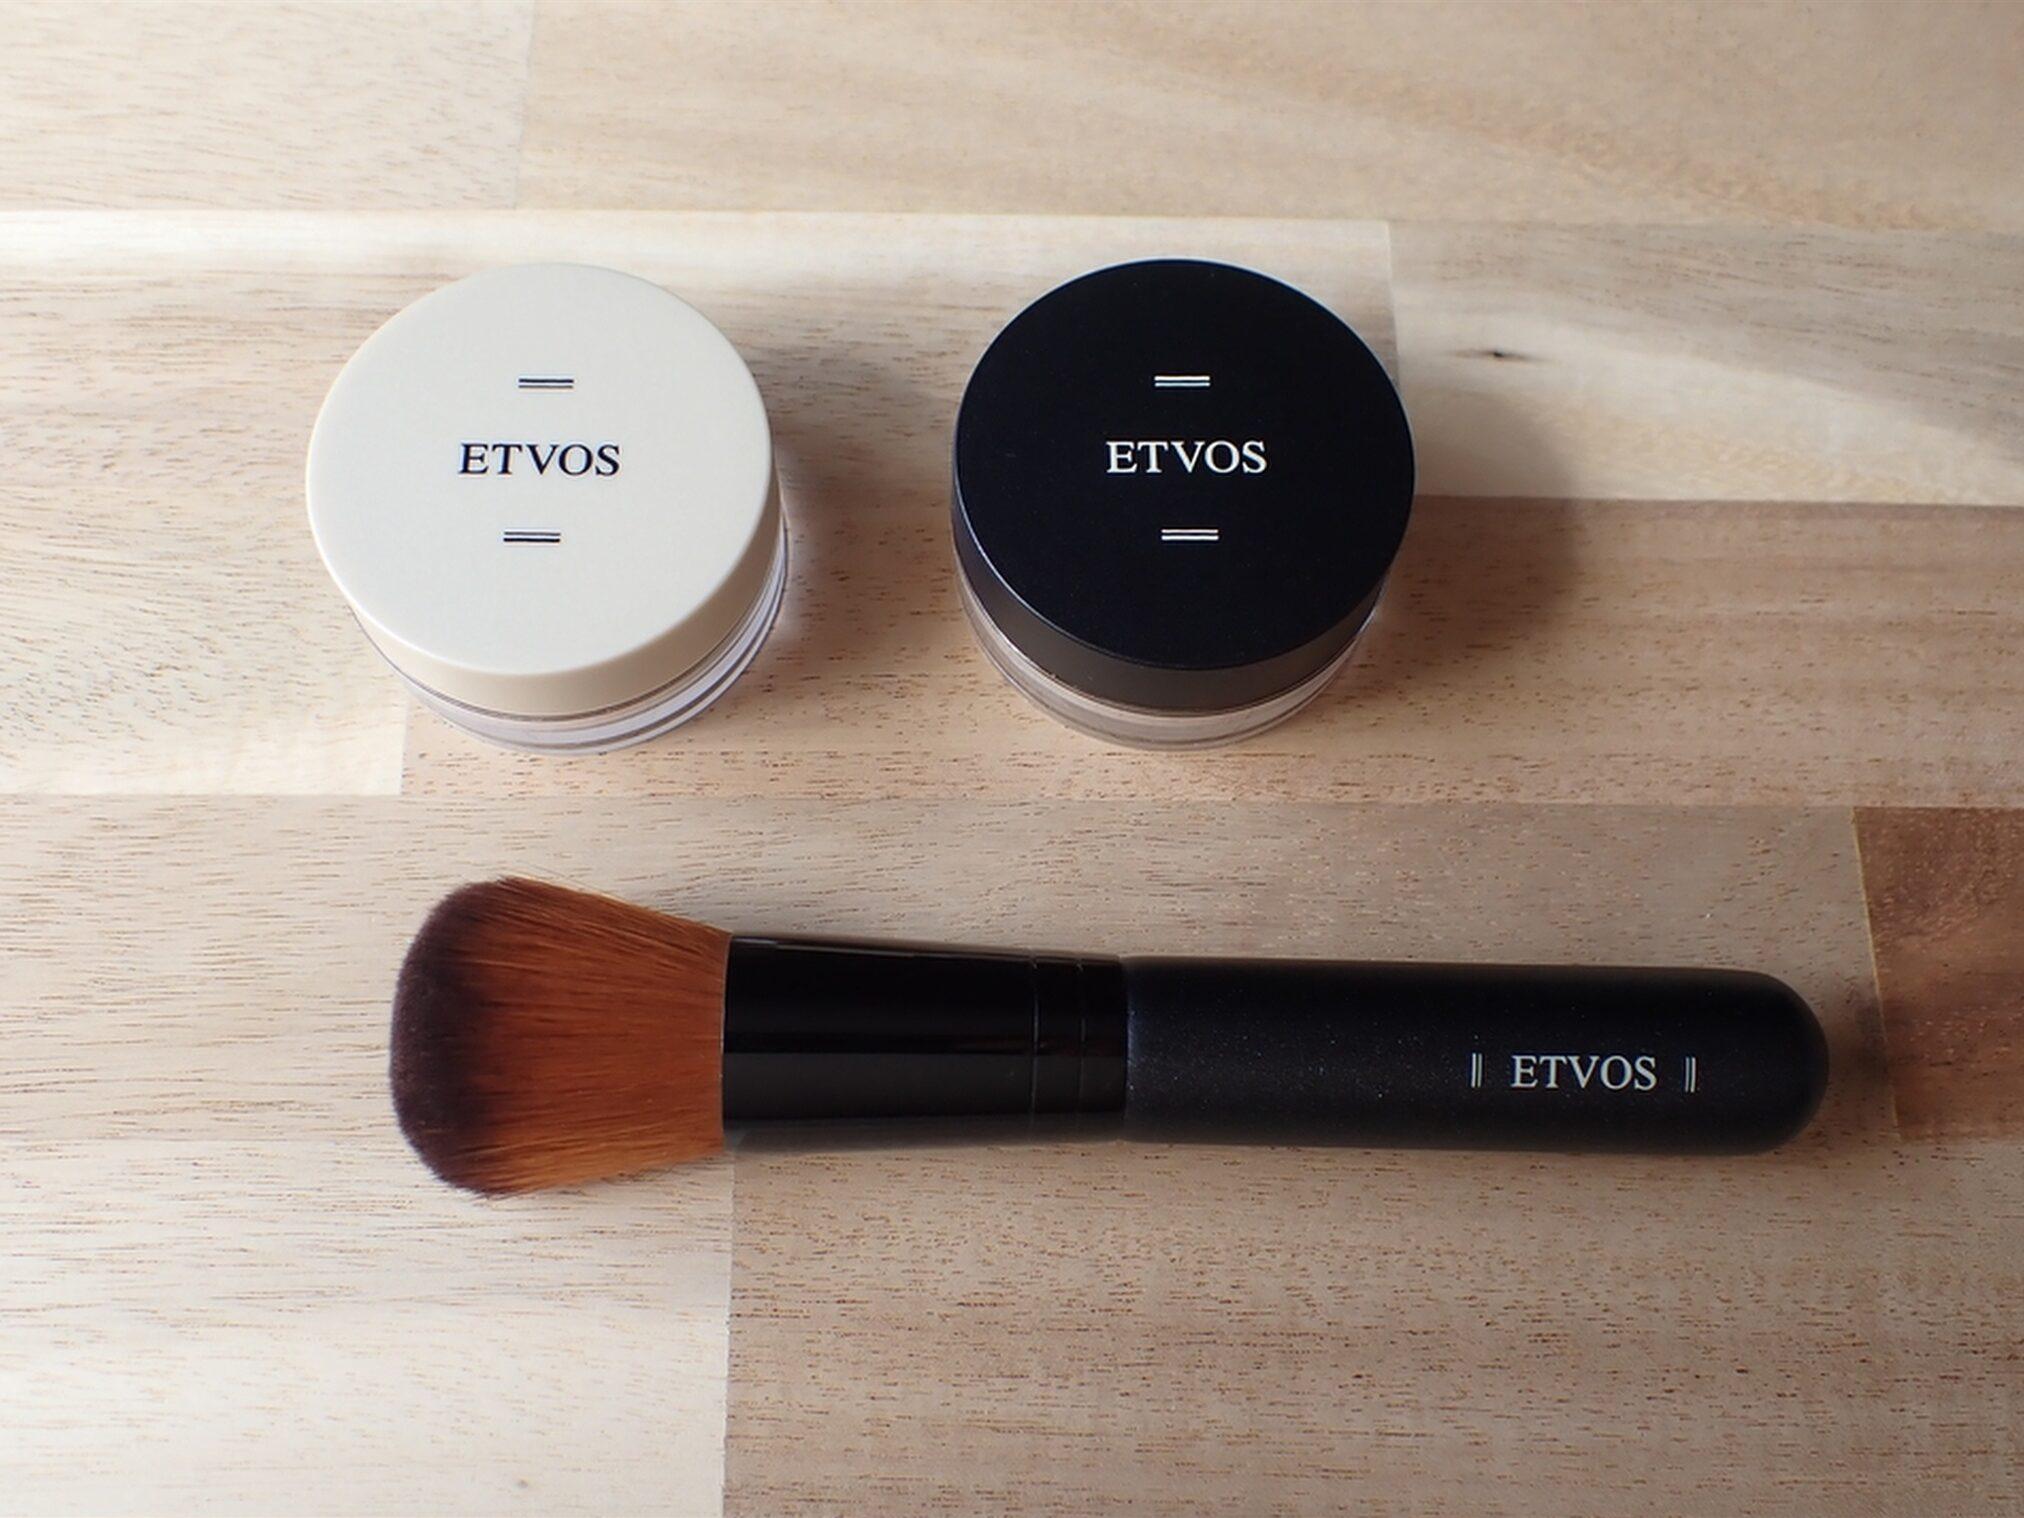 エトヴォス パーフェクトキット 現品のフェイスカブキブラシと、約2週間分の化粧下地とファンデーションがセットになっています